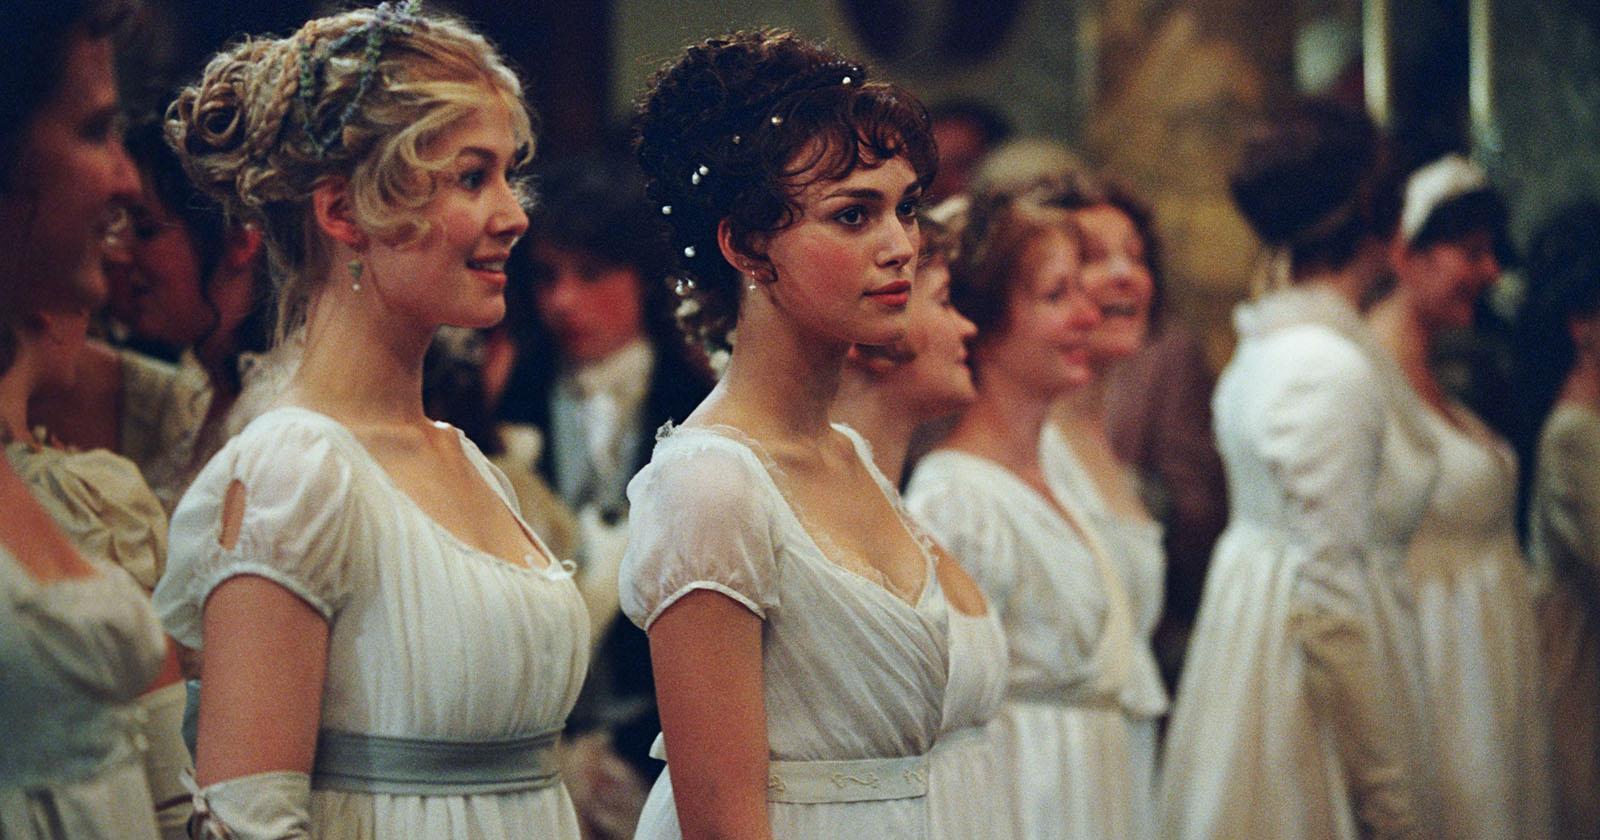 Jane y Elizabeth en un baile del pueblo